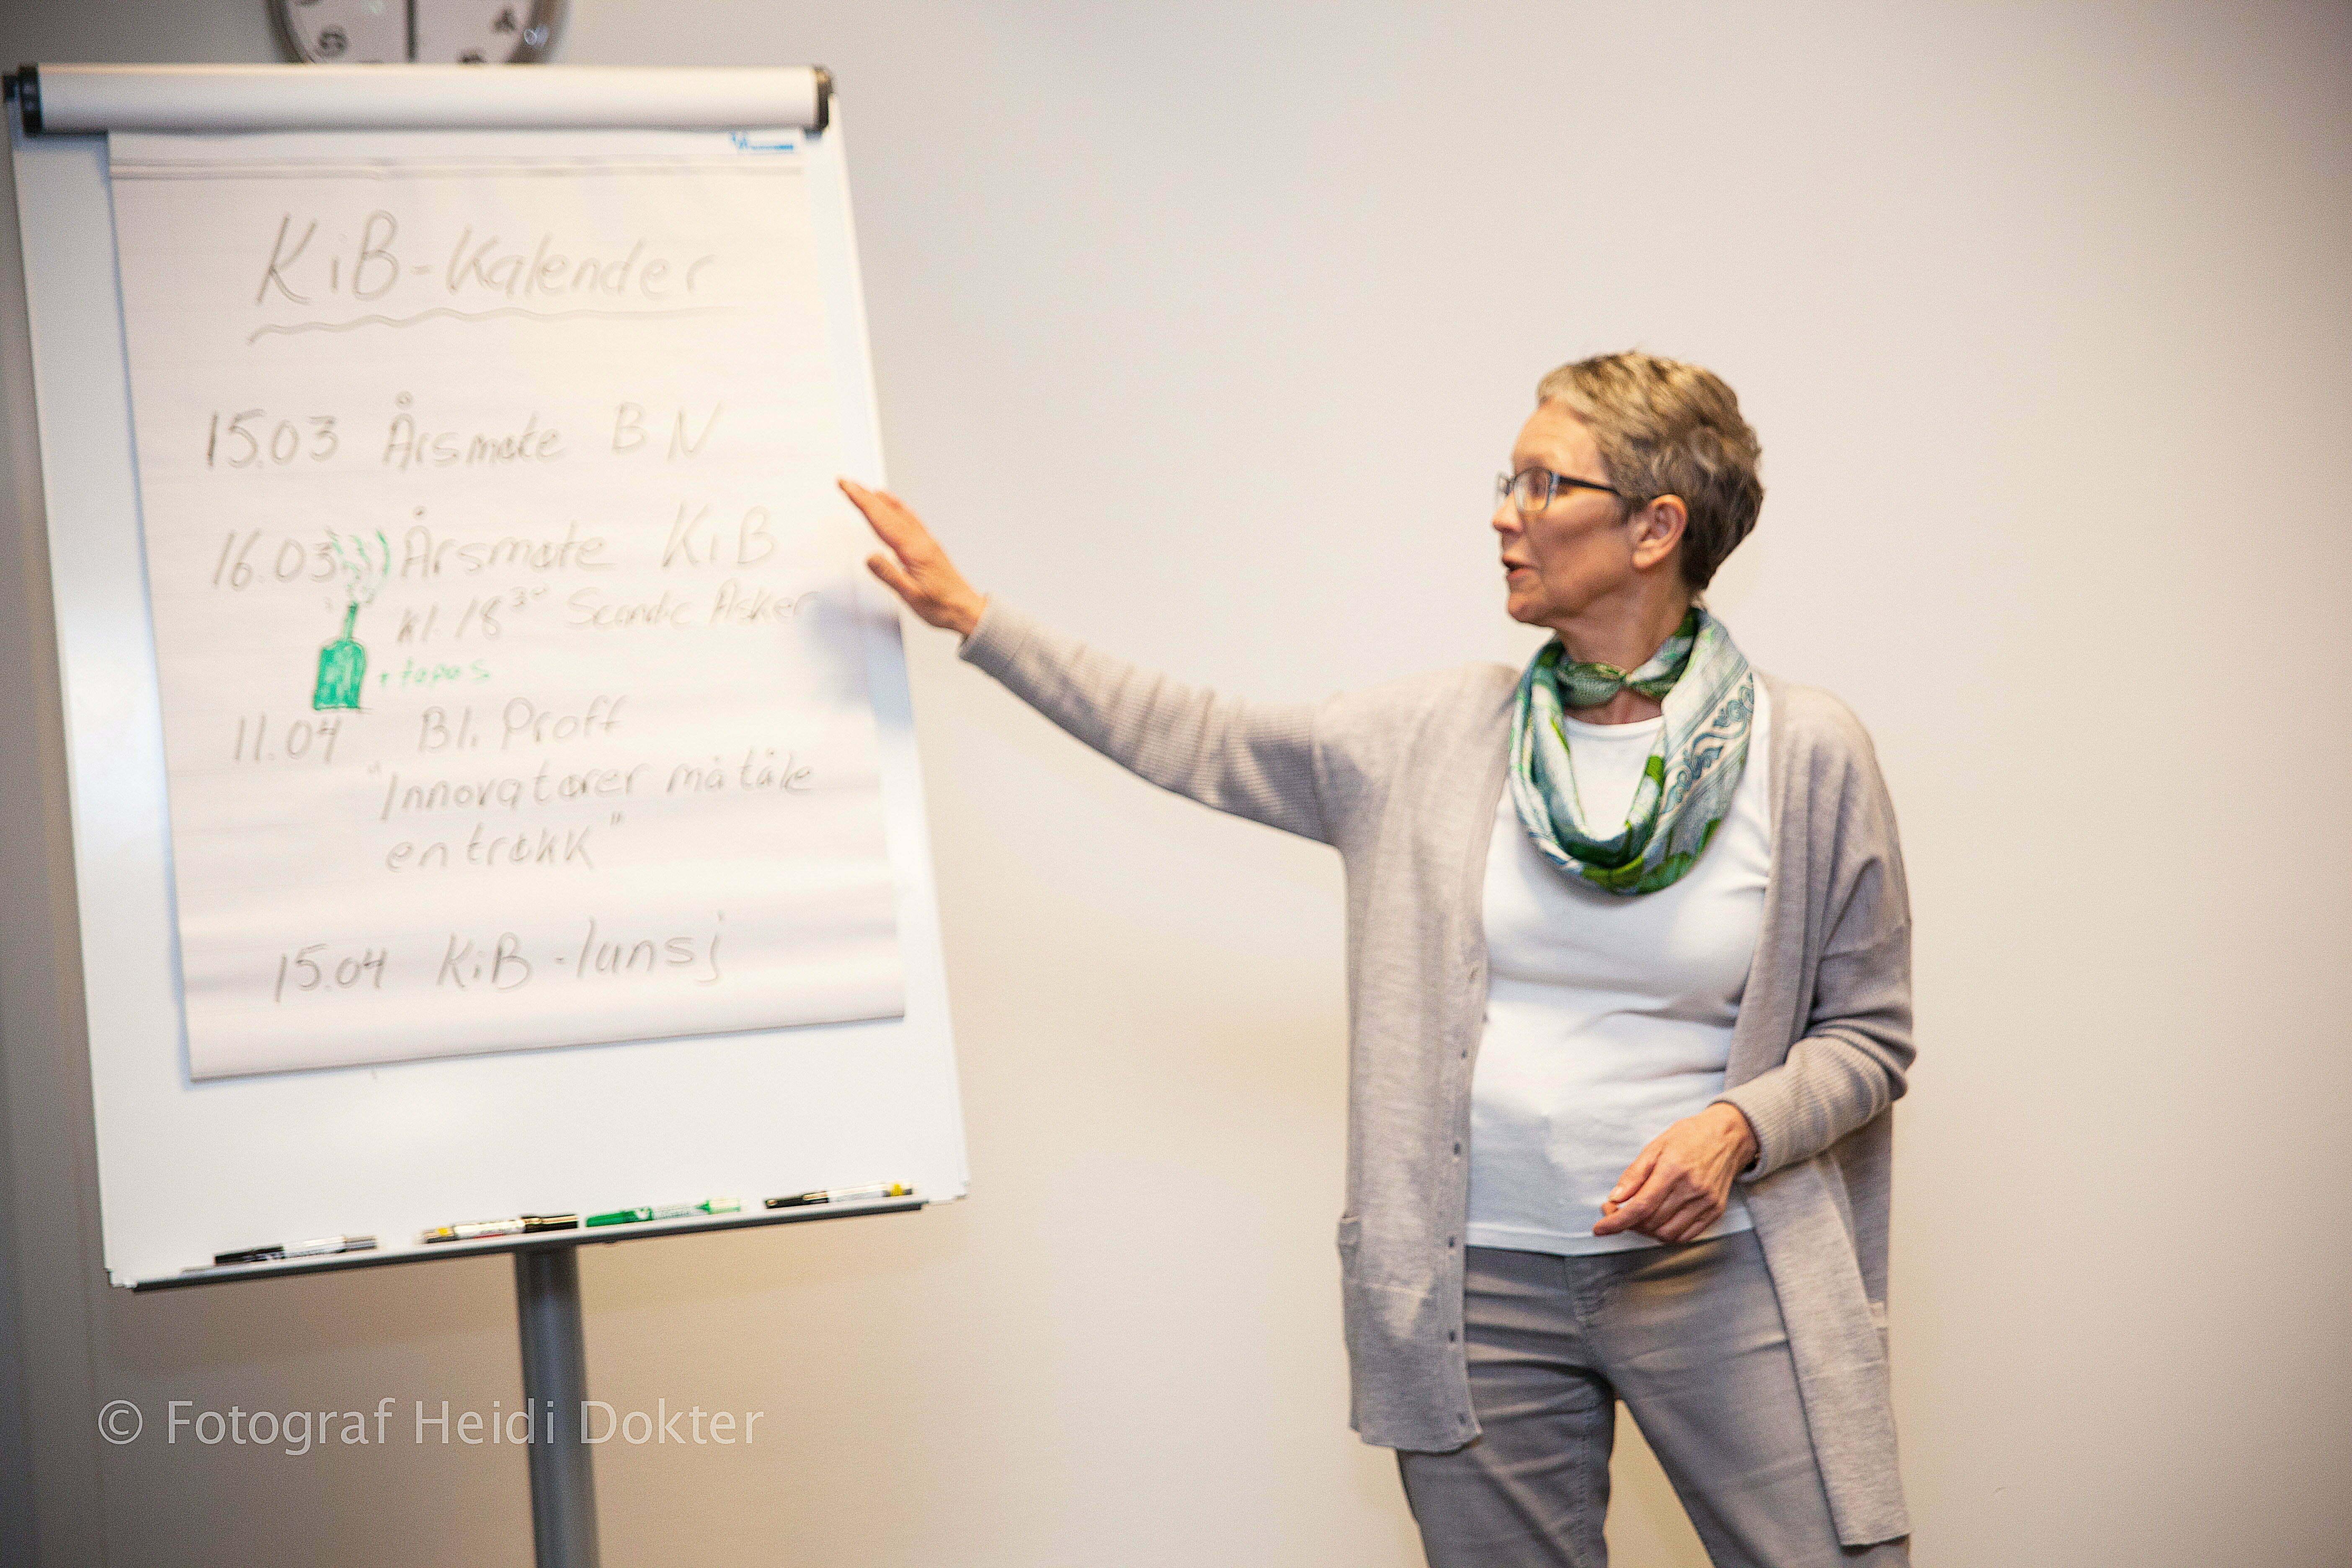 Kvinner i Business: Blir Proff-arrangement 10. mars 2016